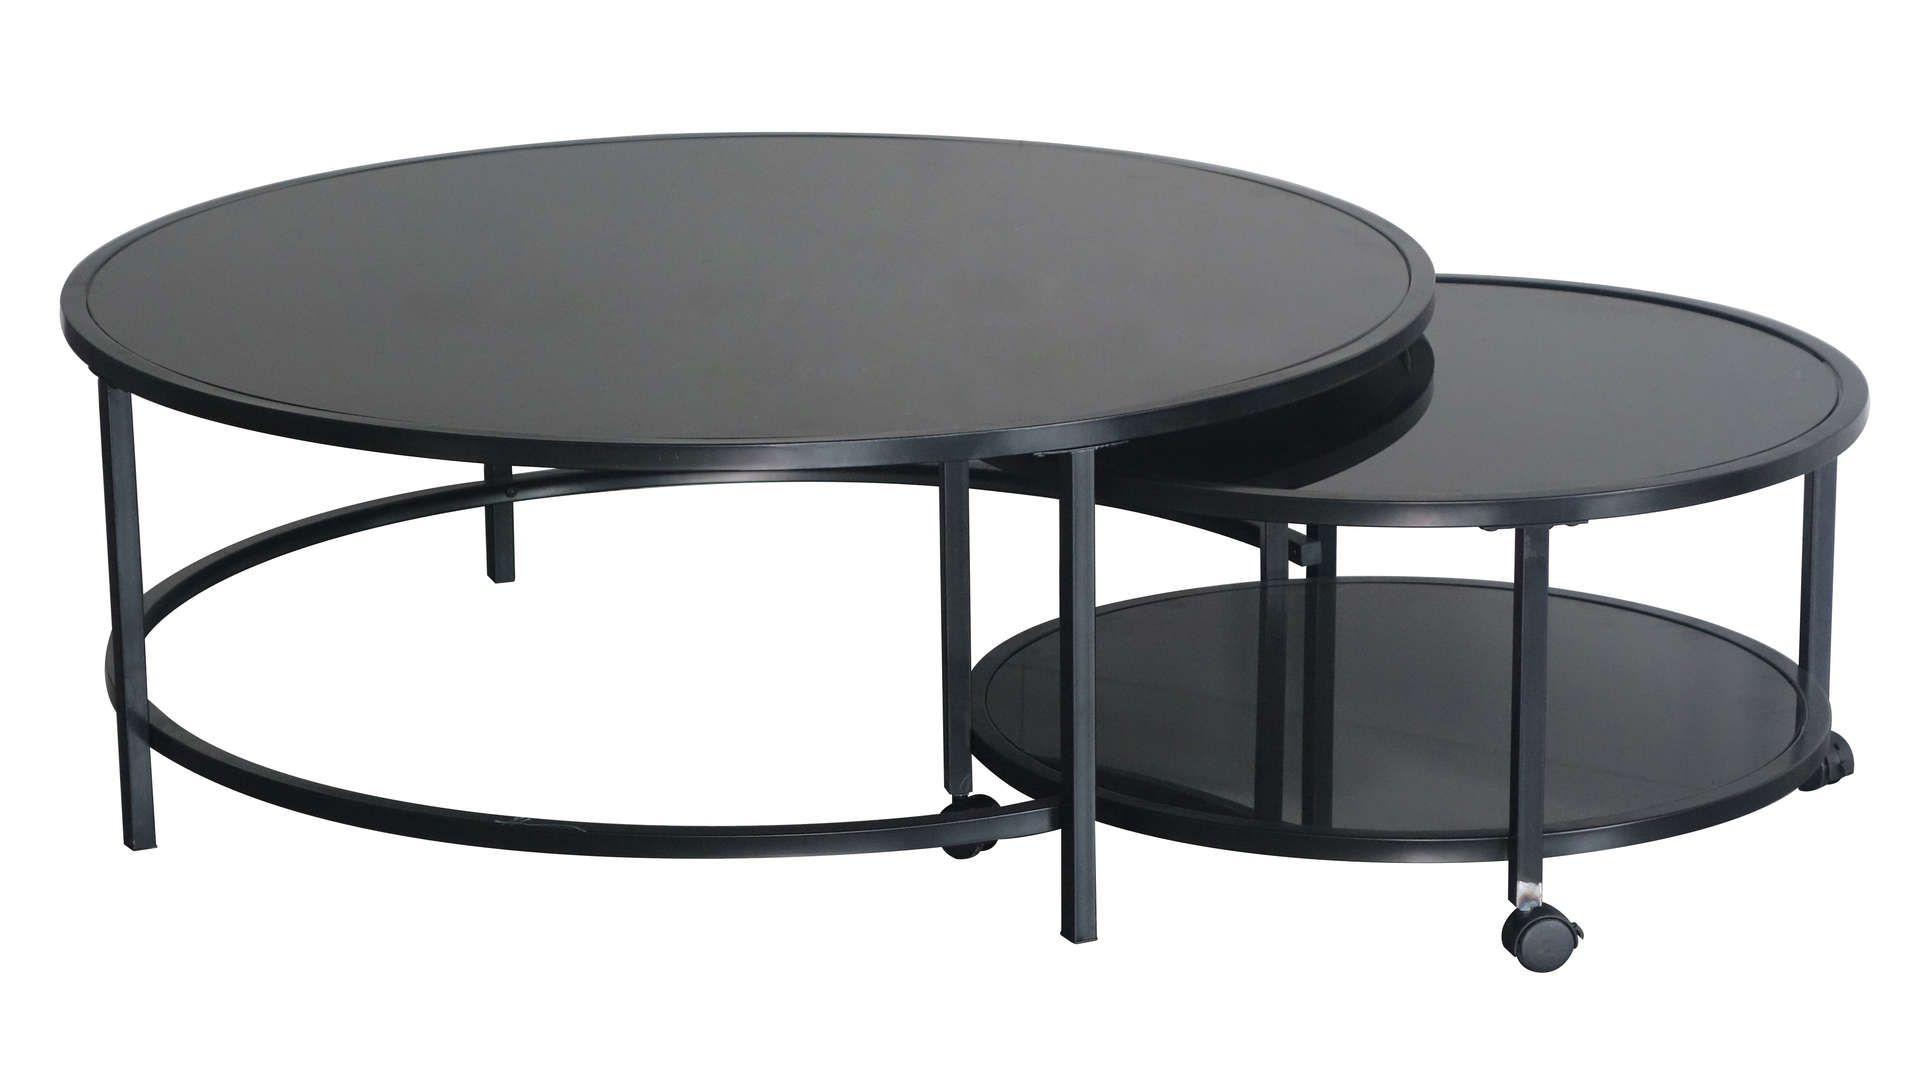 Table Basse Logan Coloris Noir En 2020 Table Basse Mobilier De